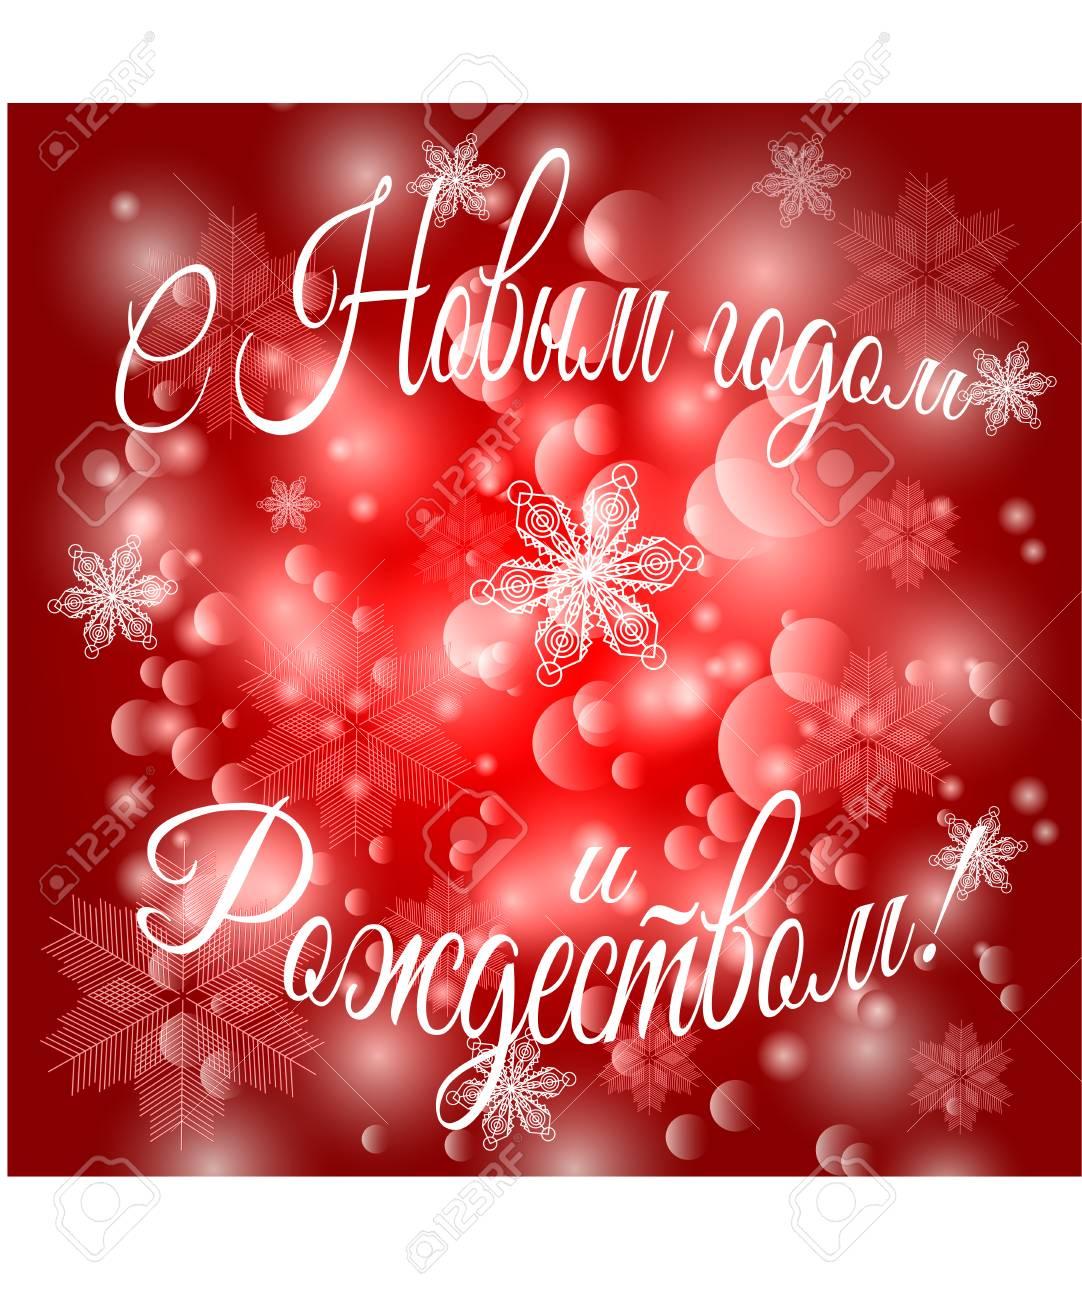 Buon Natale 883.Iscrizione In Russo Buon Anno E Buon Natale Priorita Bassa Rossa Di Natale Con Neve Fiocchi Di Neve Cartolina D Auguri Di Natale